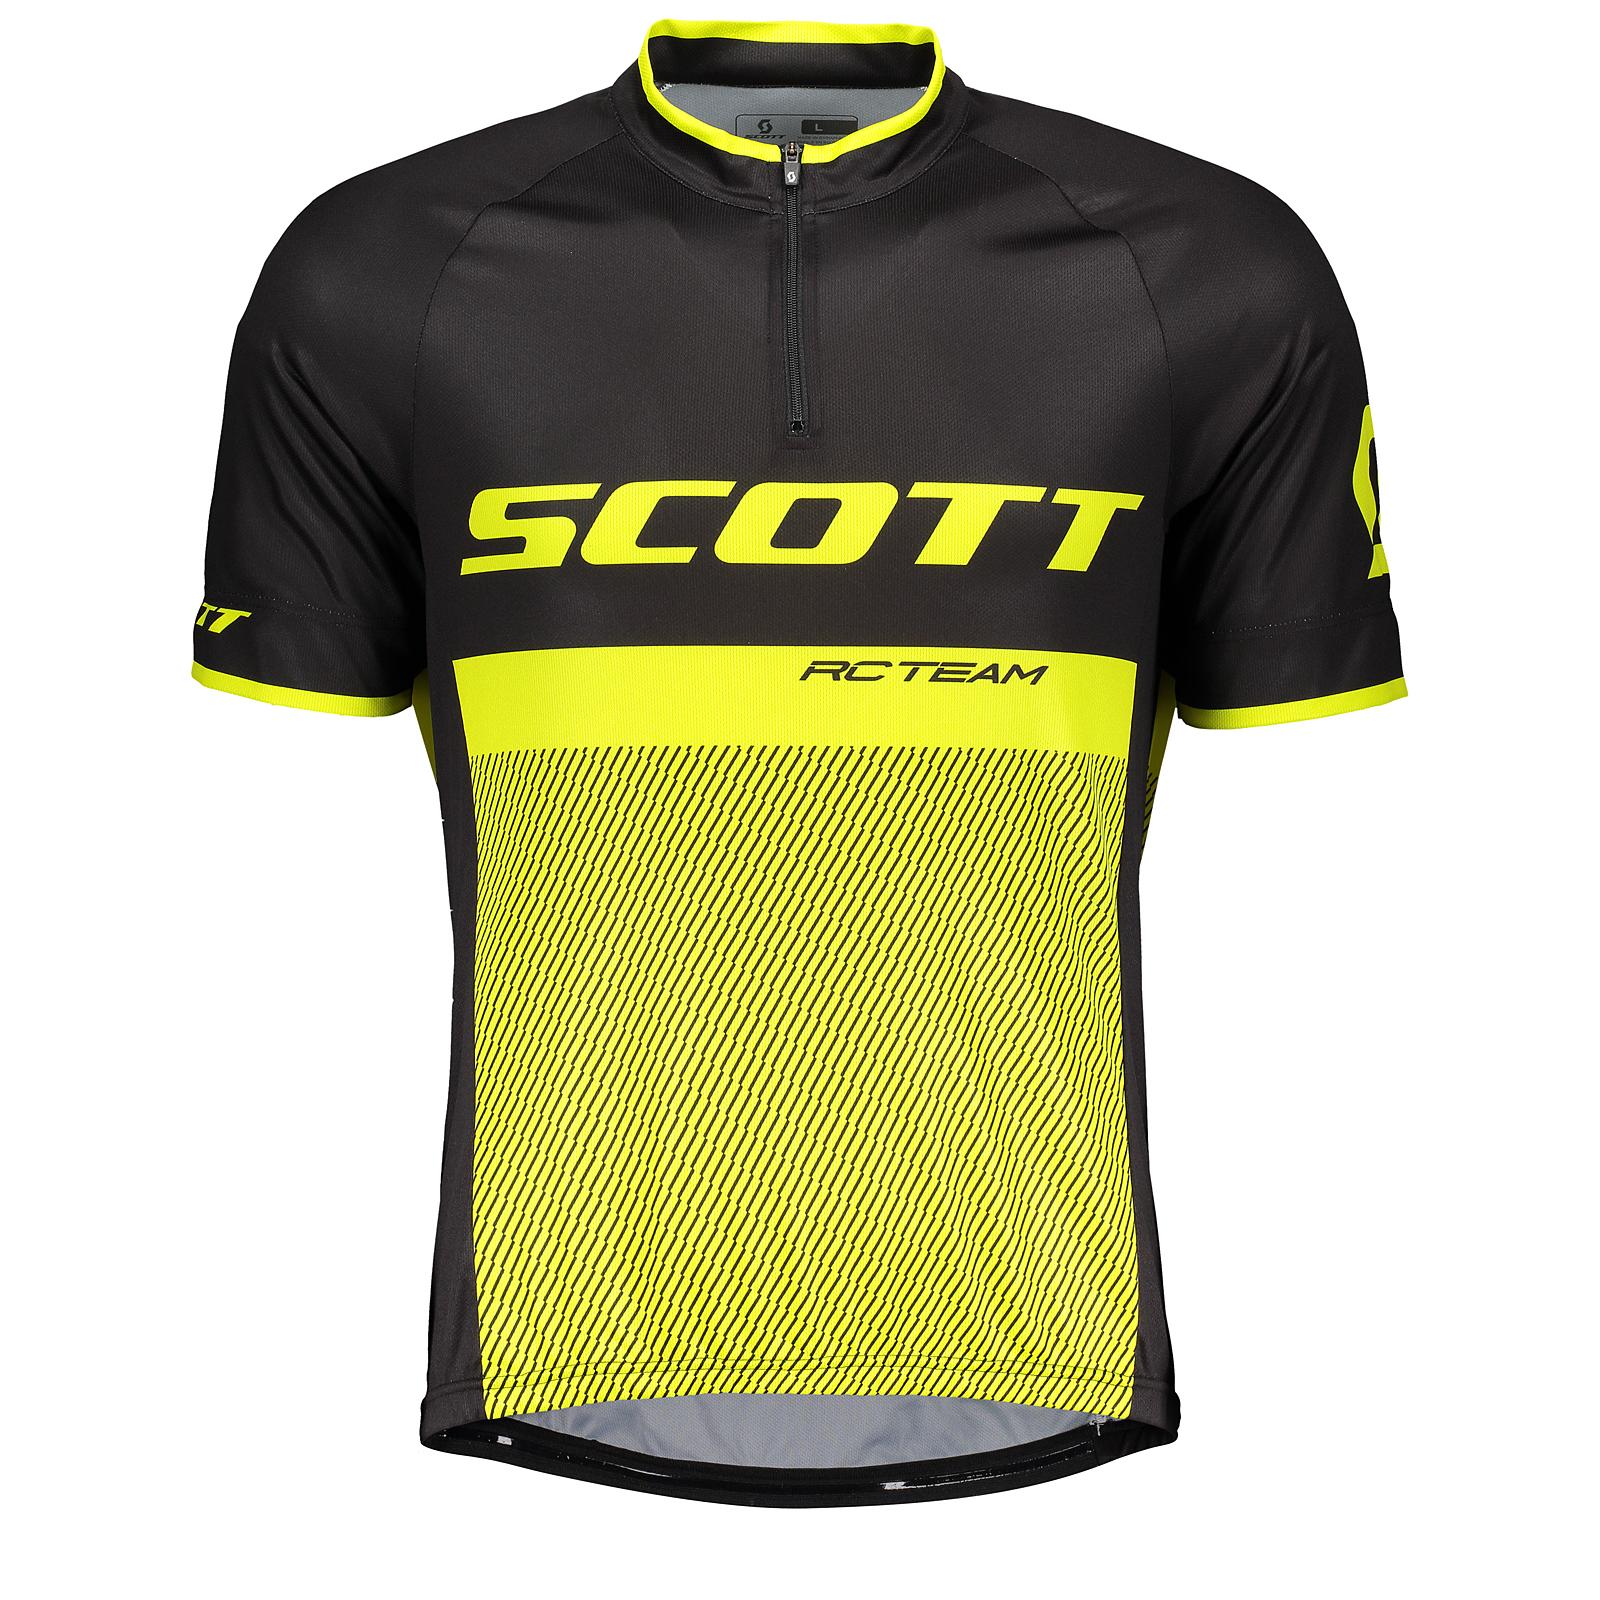 Scott RC Team 20 Fahrrad Trikot kurz schwarz/gelb 2018   von Top ...